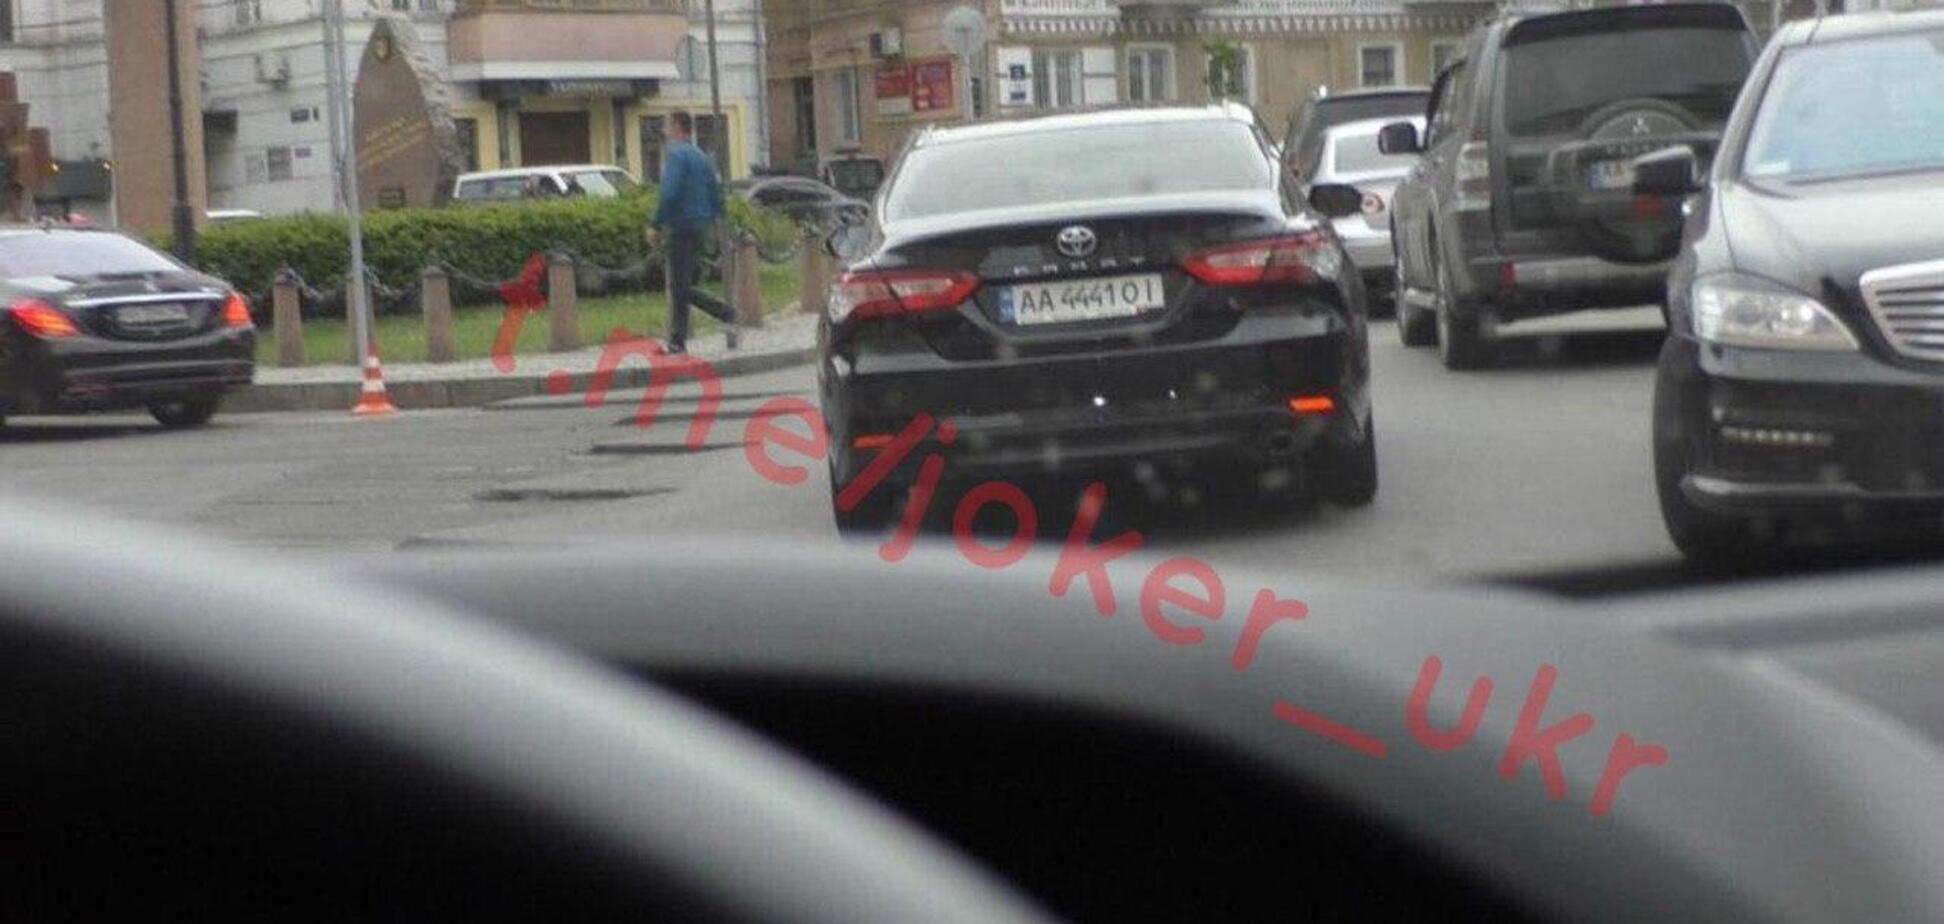 Джокер узнал о тайной встрече 'смотрящего' за Киевом с Тищенко. Фото